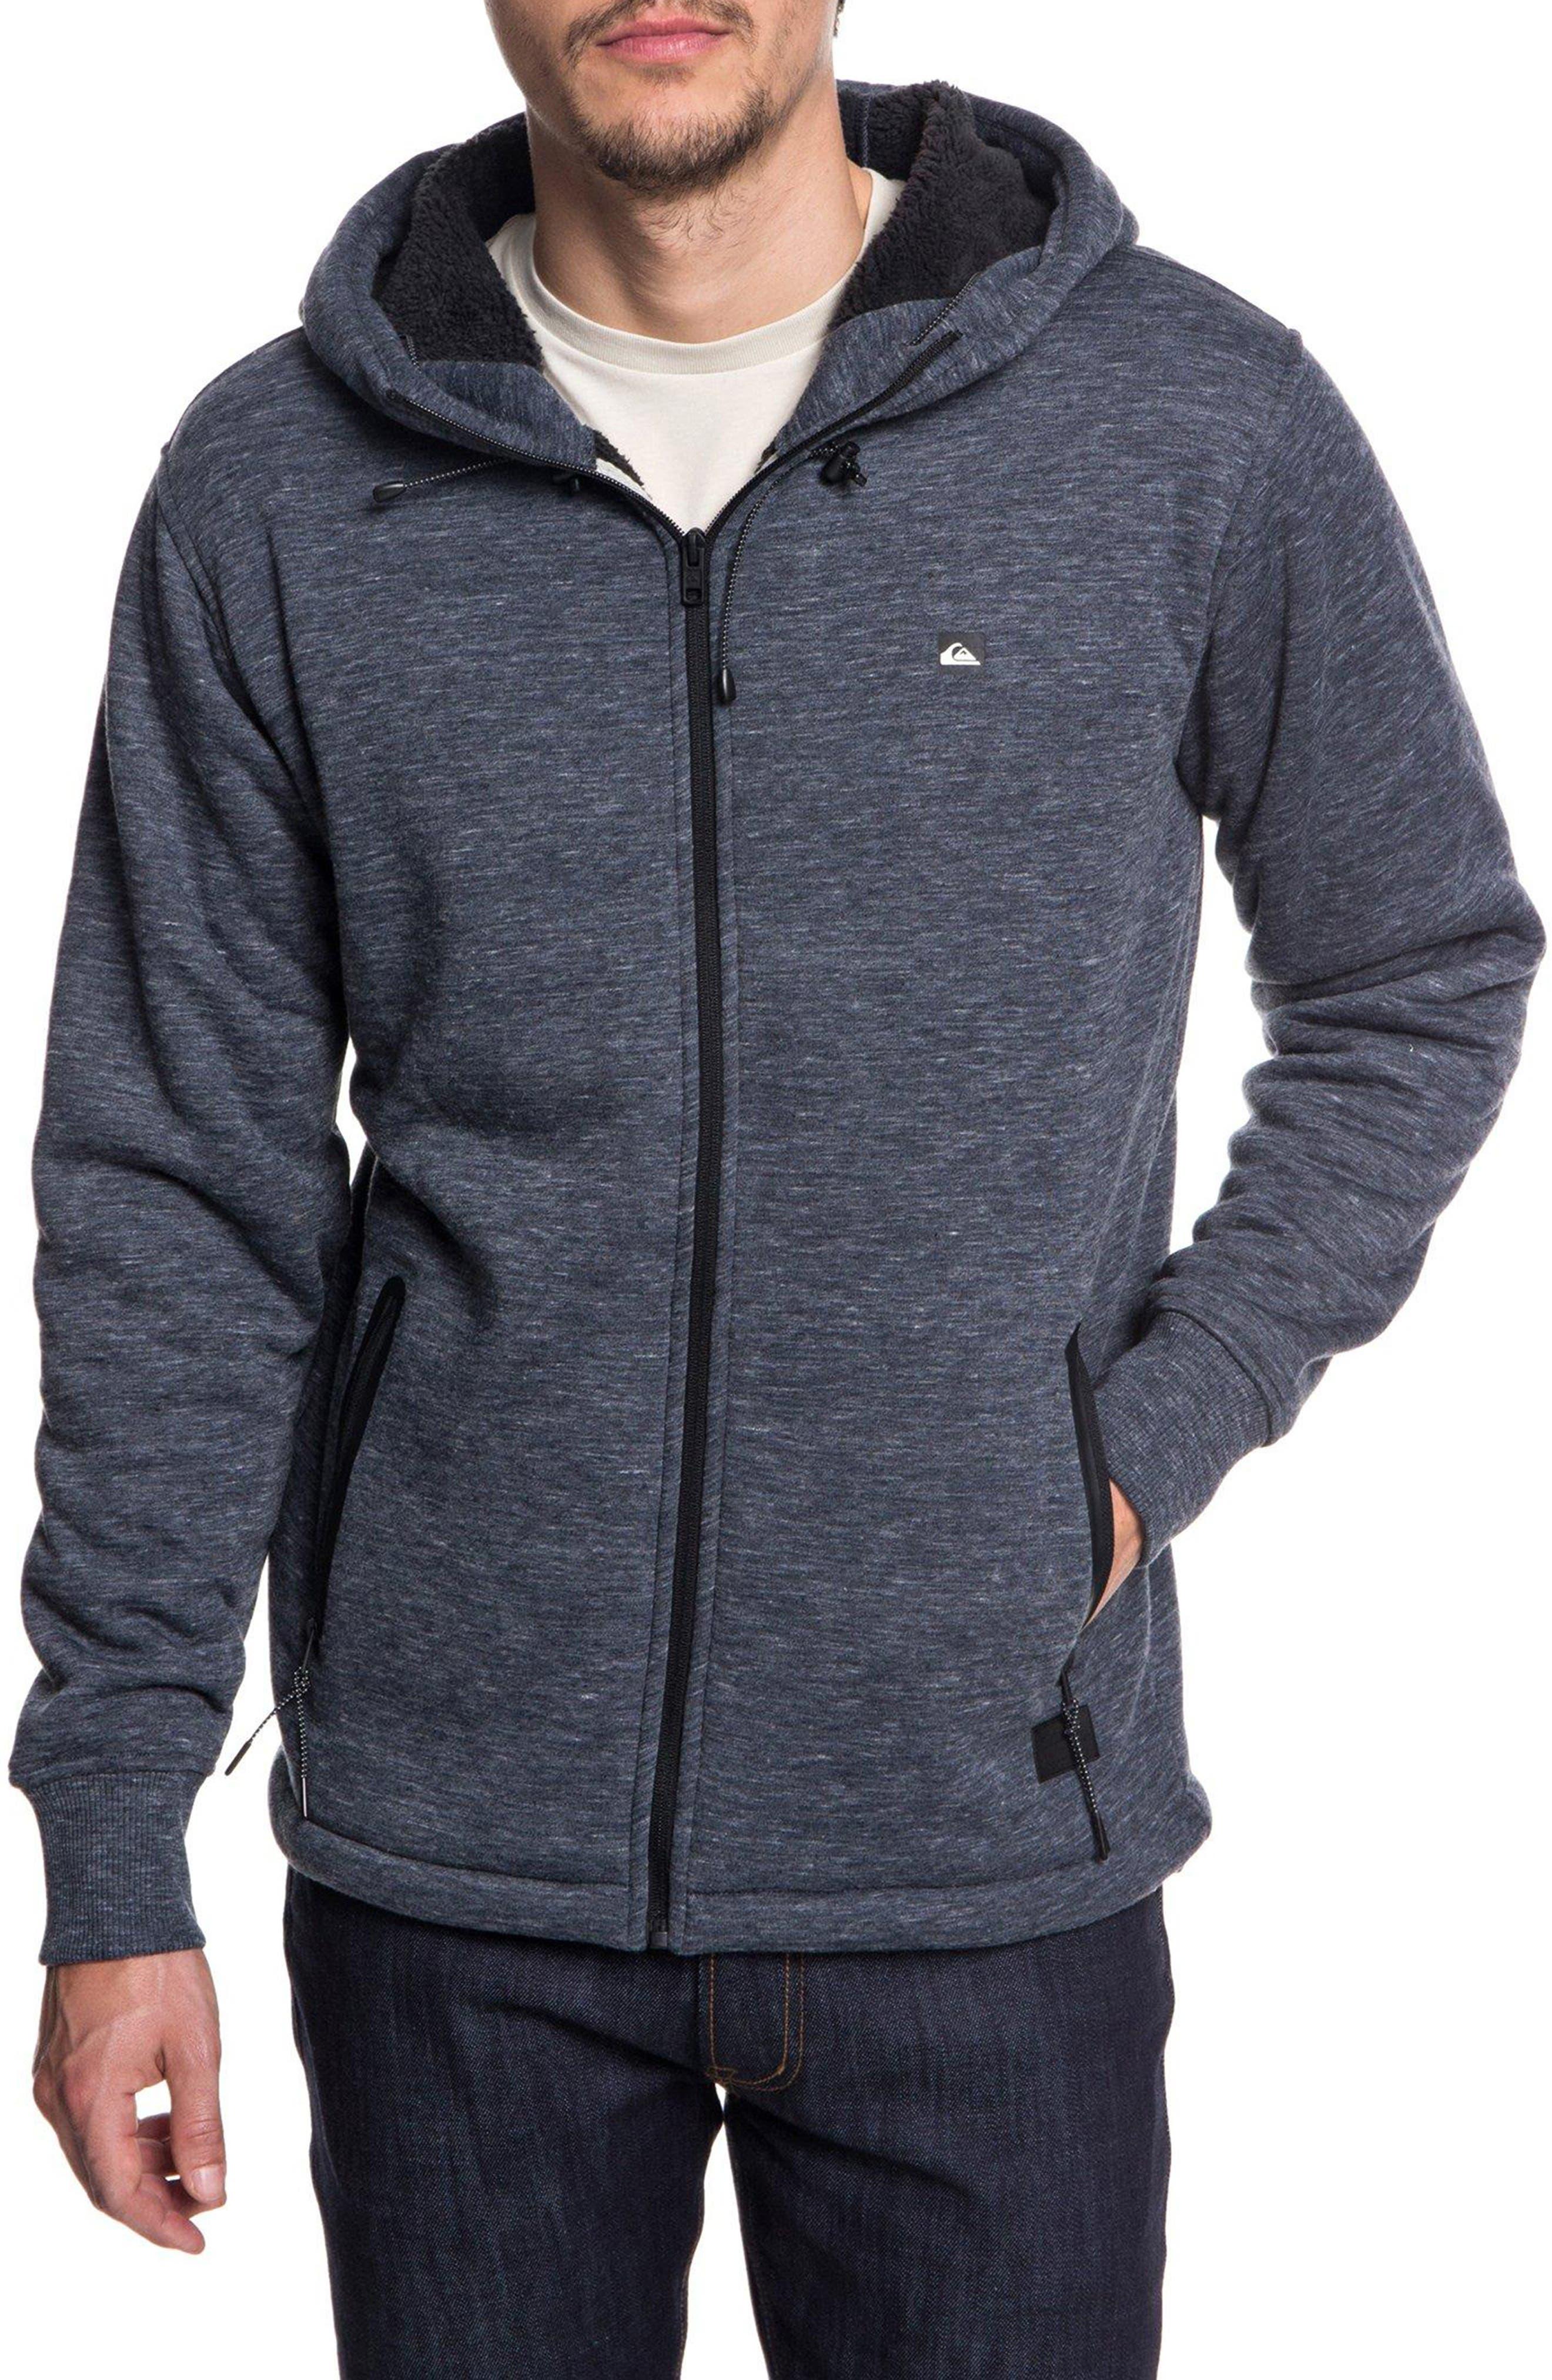 Quiksilver Kurow Fleece Hooded Jacket